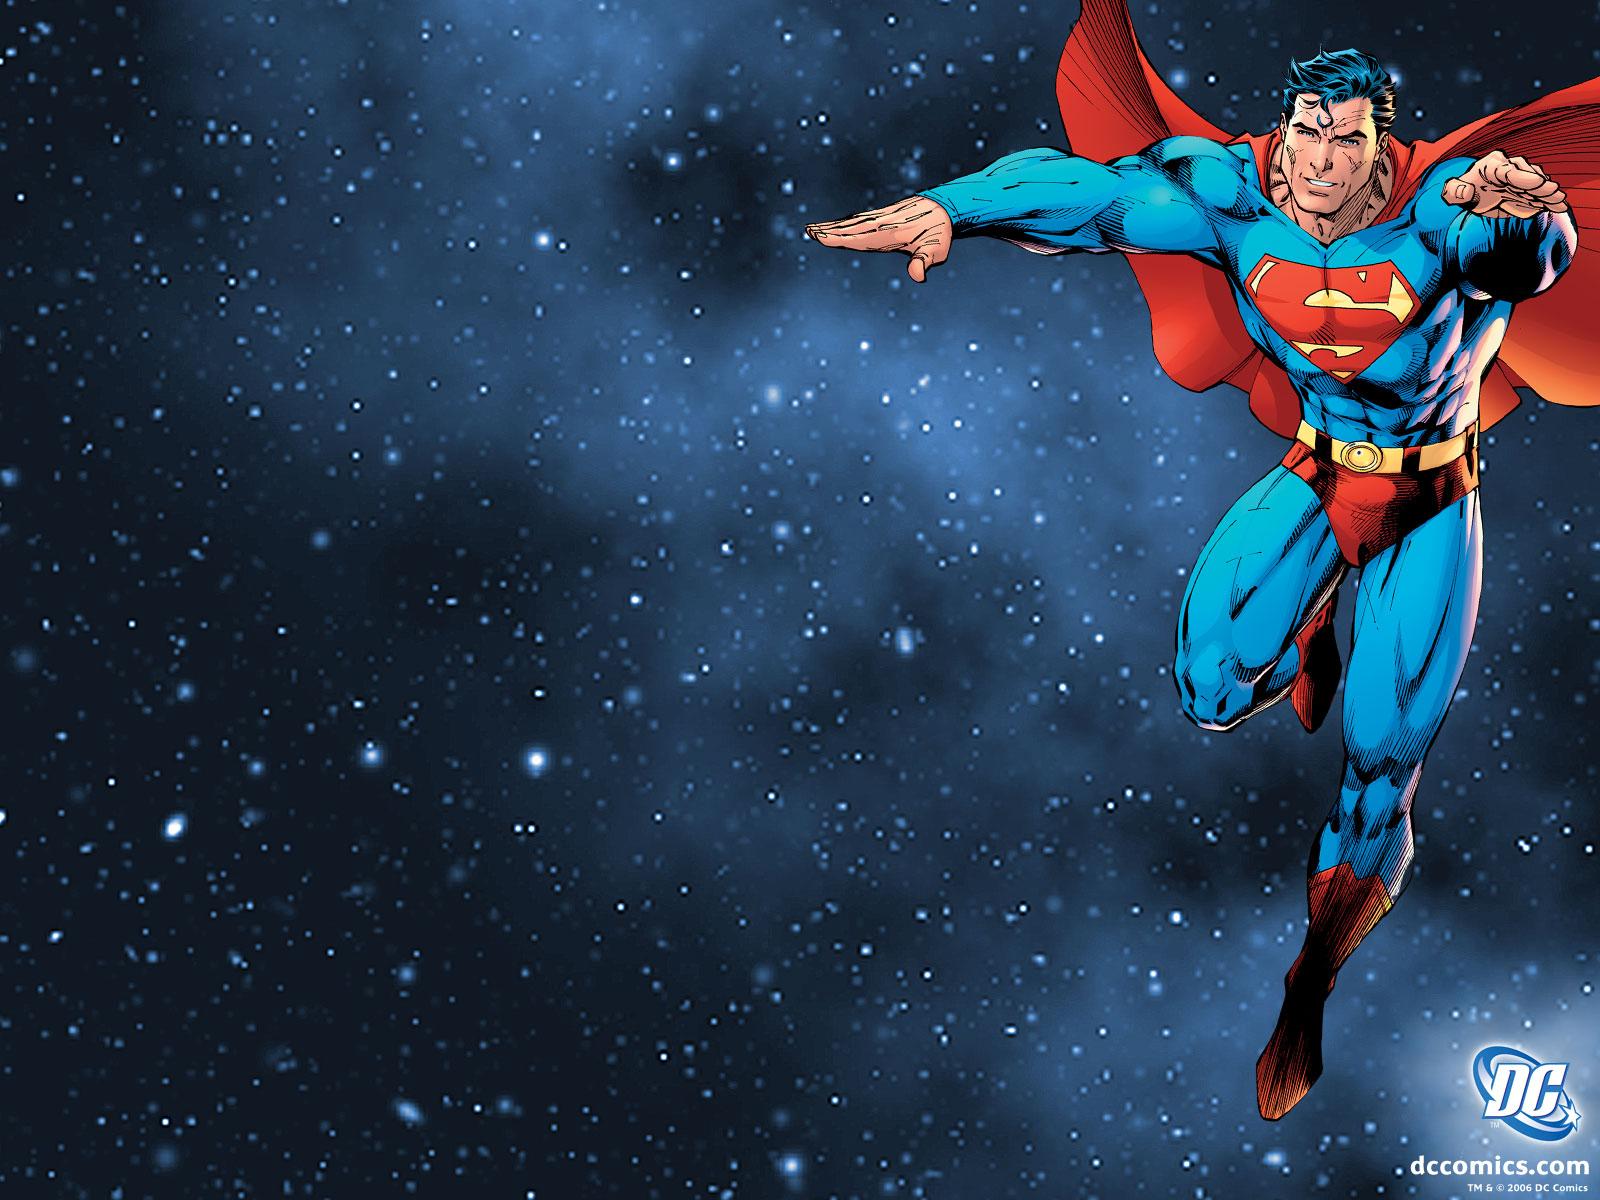 Superman Comics wallpaper